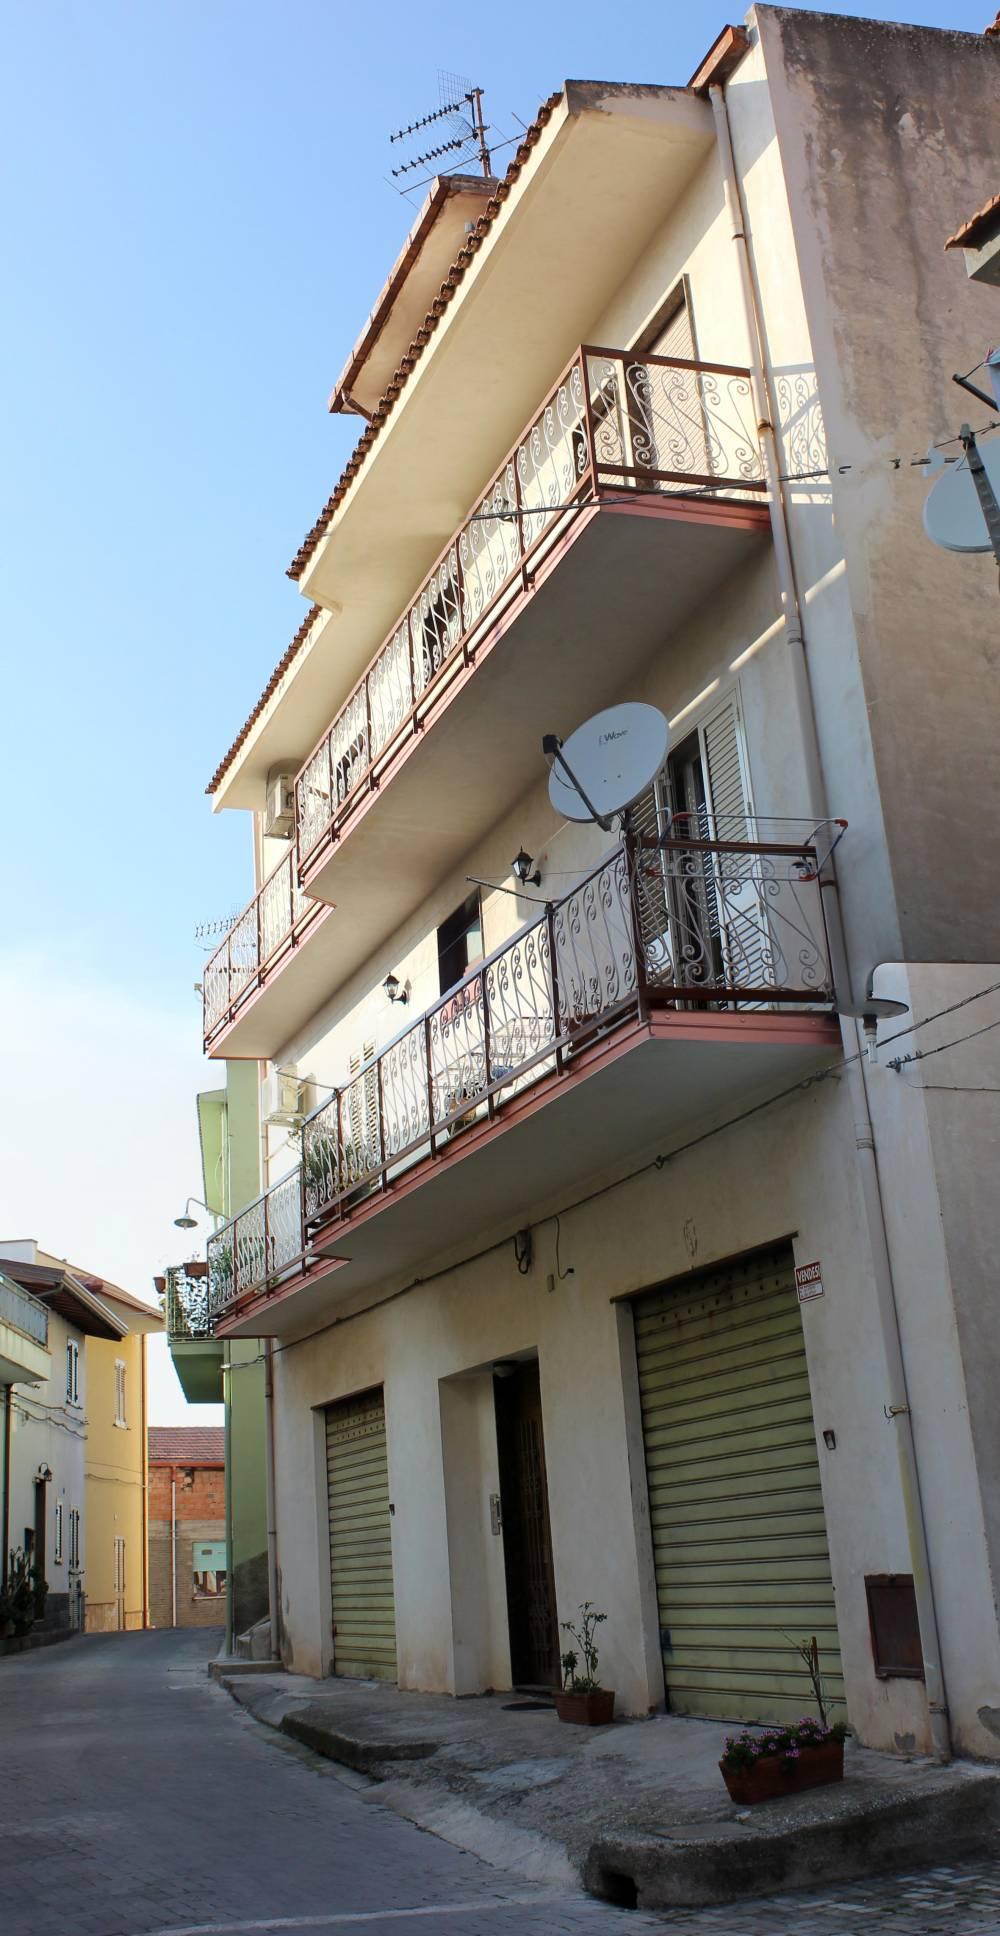 Facciata esterna del fabbricato - Casa singola in vendita a Capo d'Orlando CD06VF